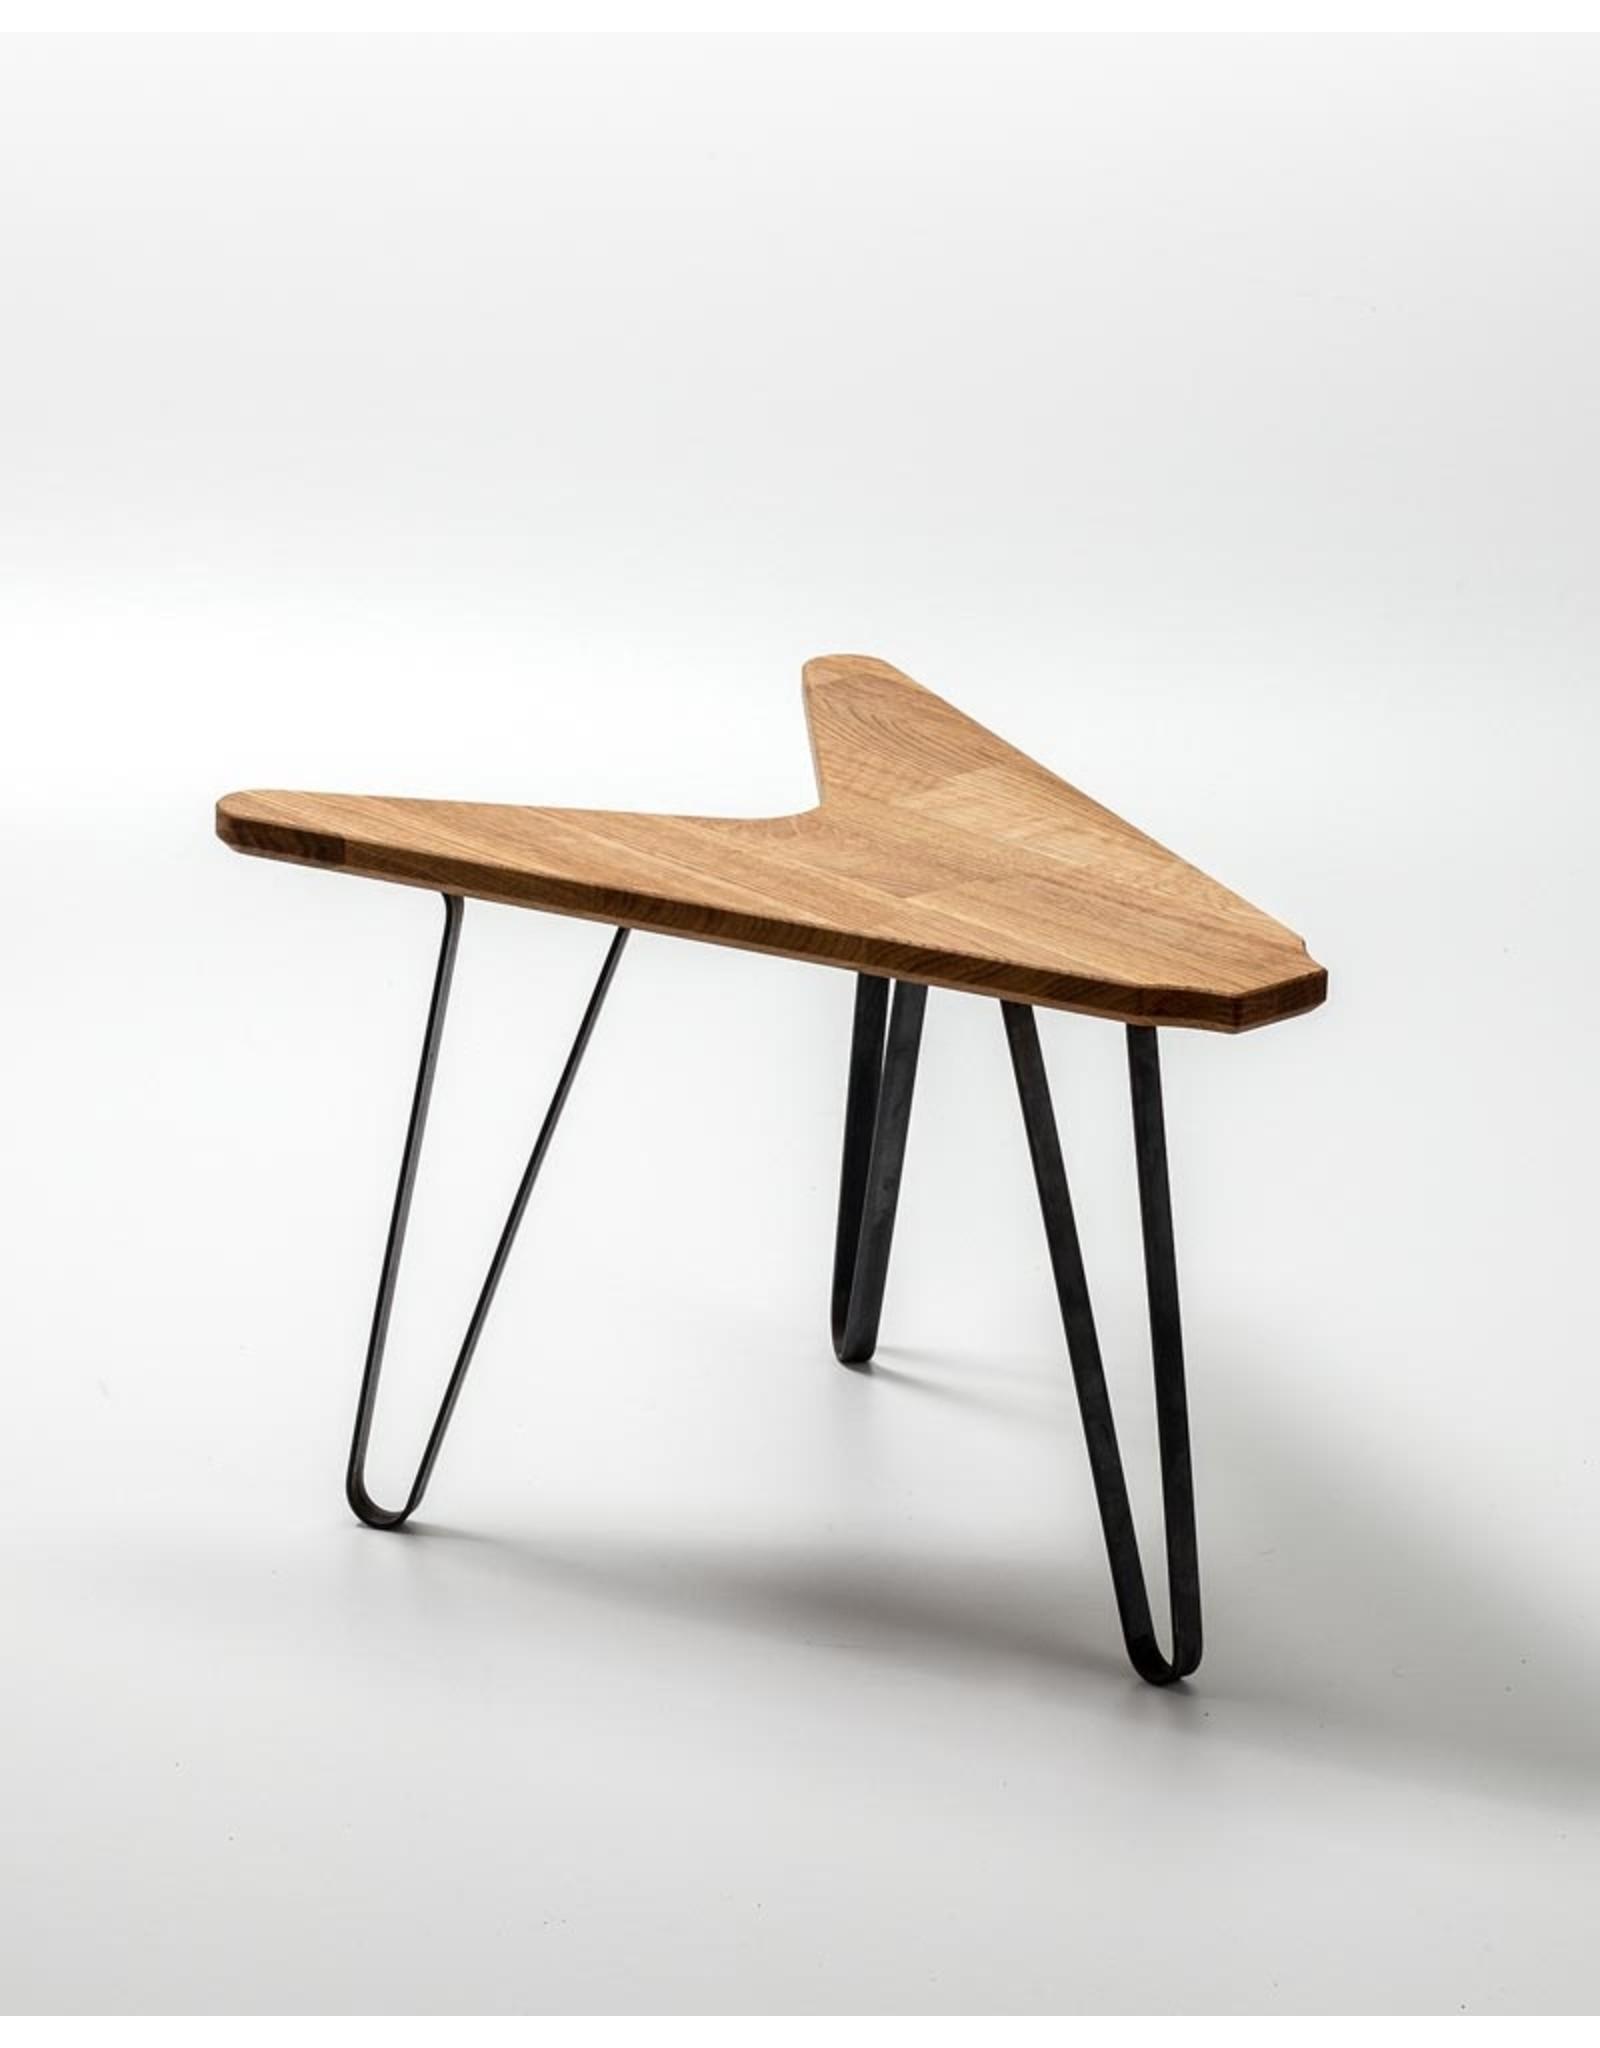 Ruwdesign Ruwdesign Coffee Table The V